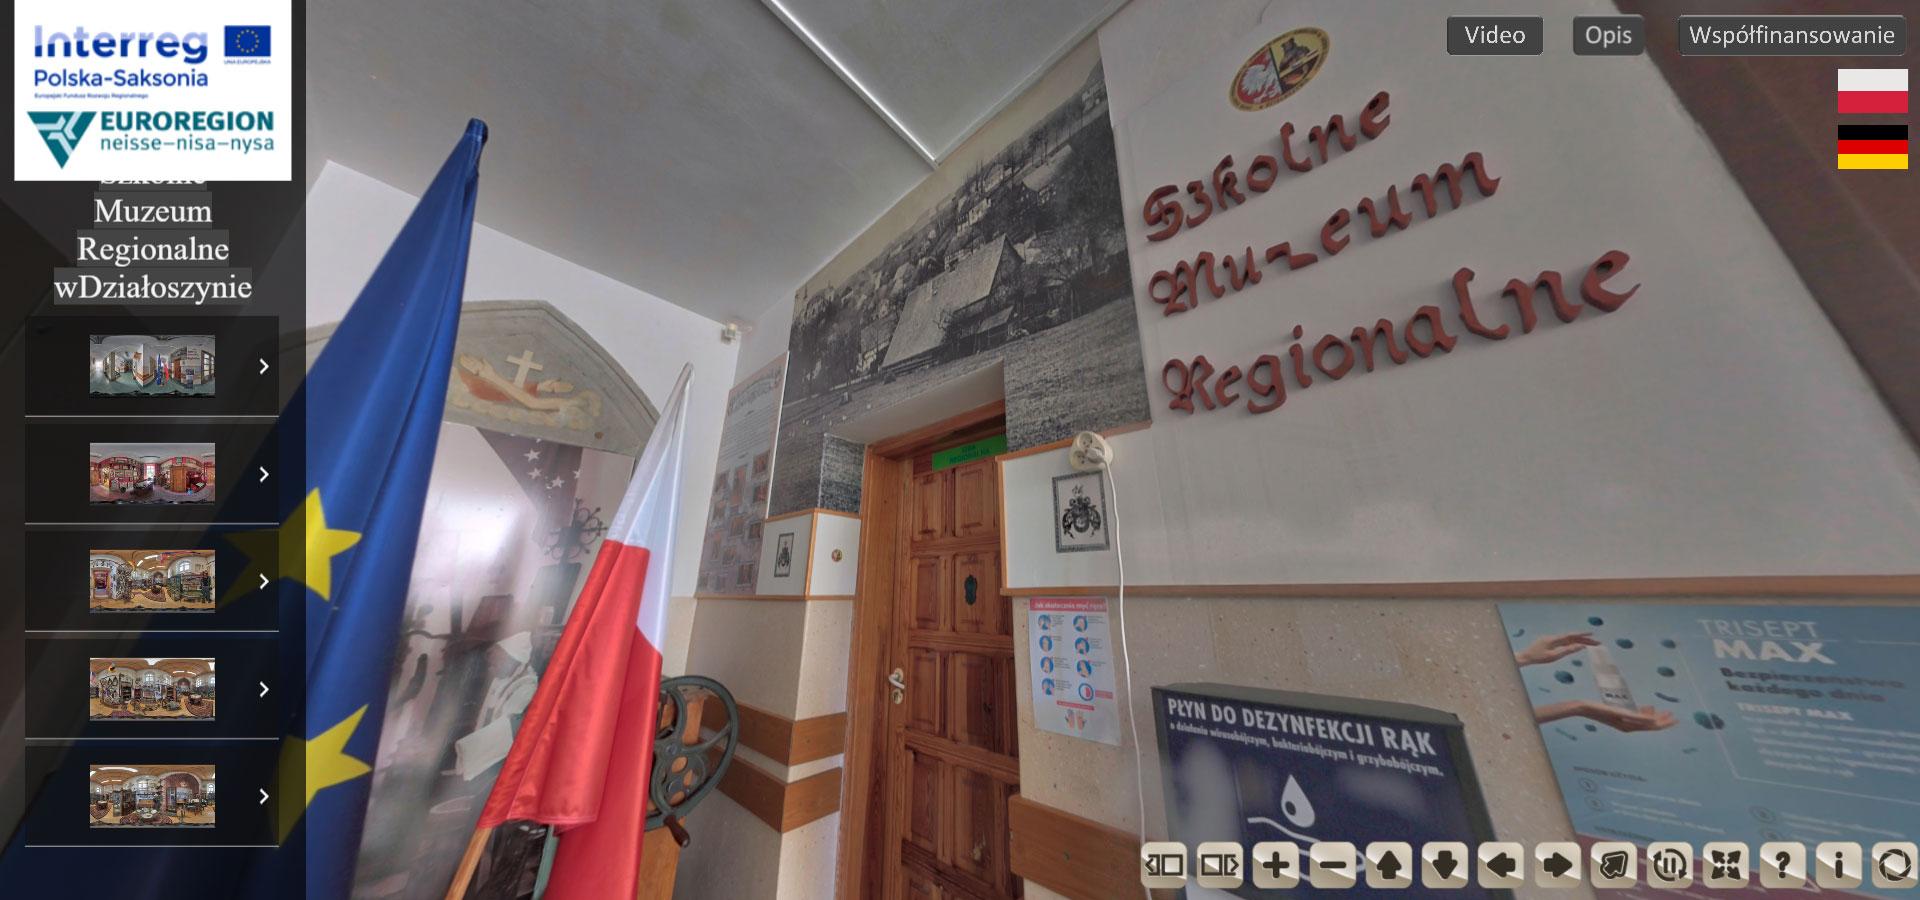 Szkolne-muzeum-regionalne-w-Działoszynie